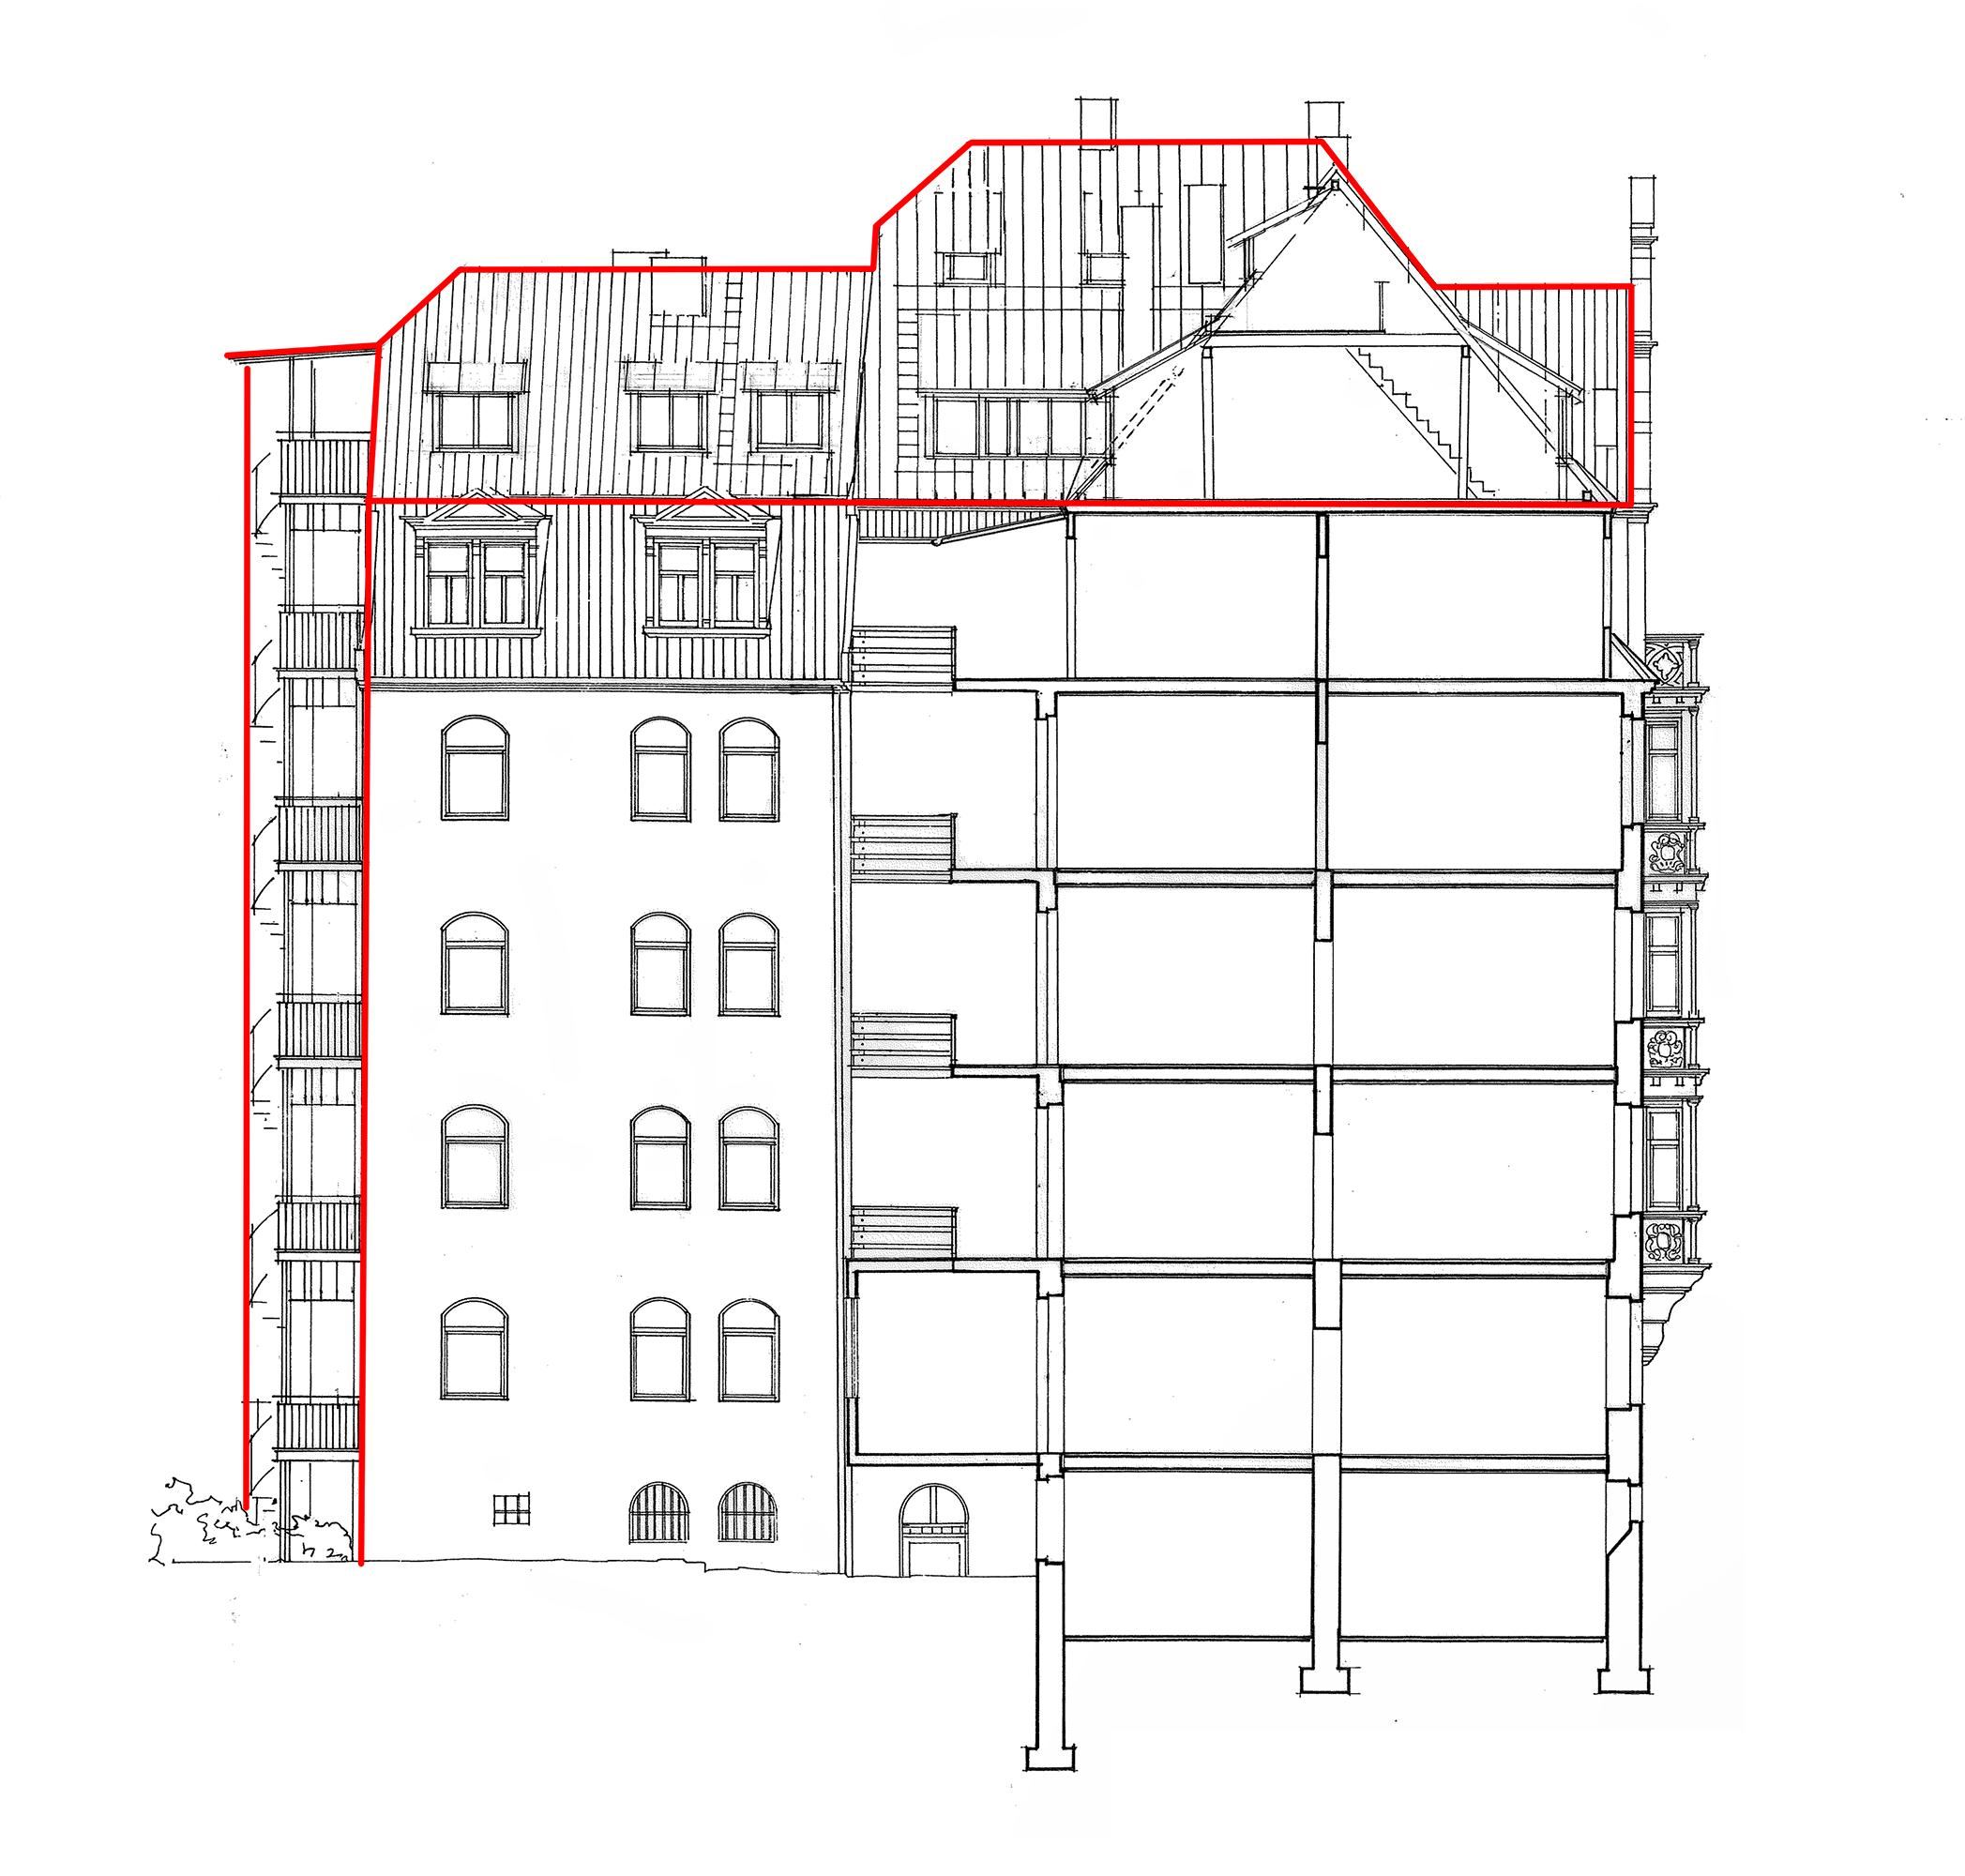 bucher str 21 burgblick nachgereicht ausbau des blauhaus architekten. Black Bedroom Furniture Sets. Home Design Ideas